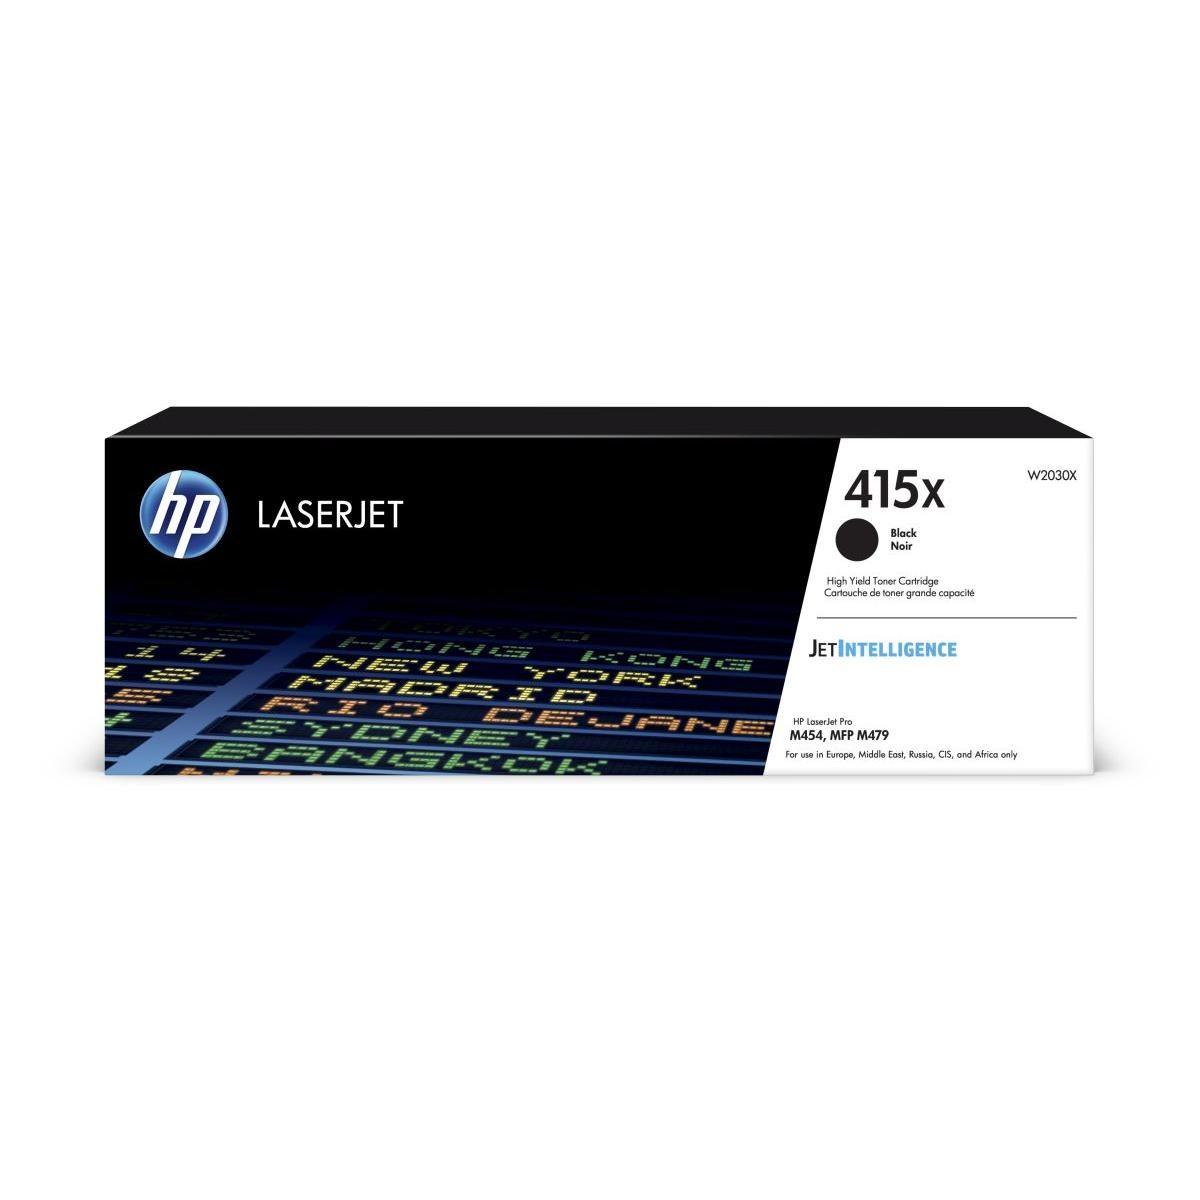 Toner HP 415X, HP W2030X - originálny (Čierny)